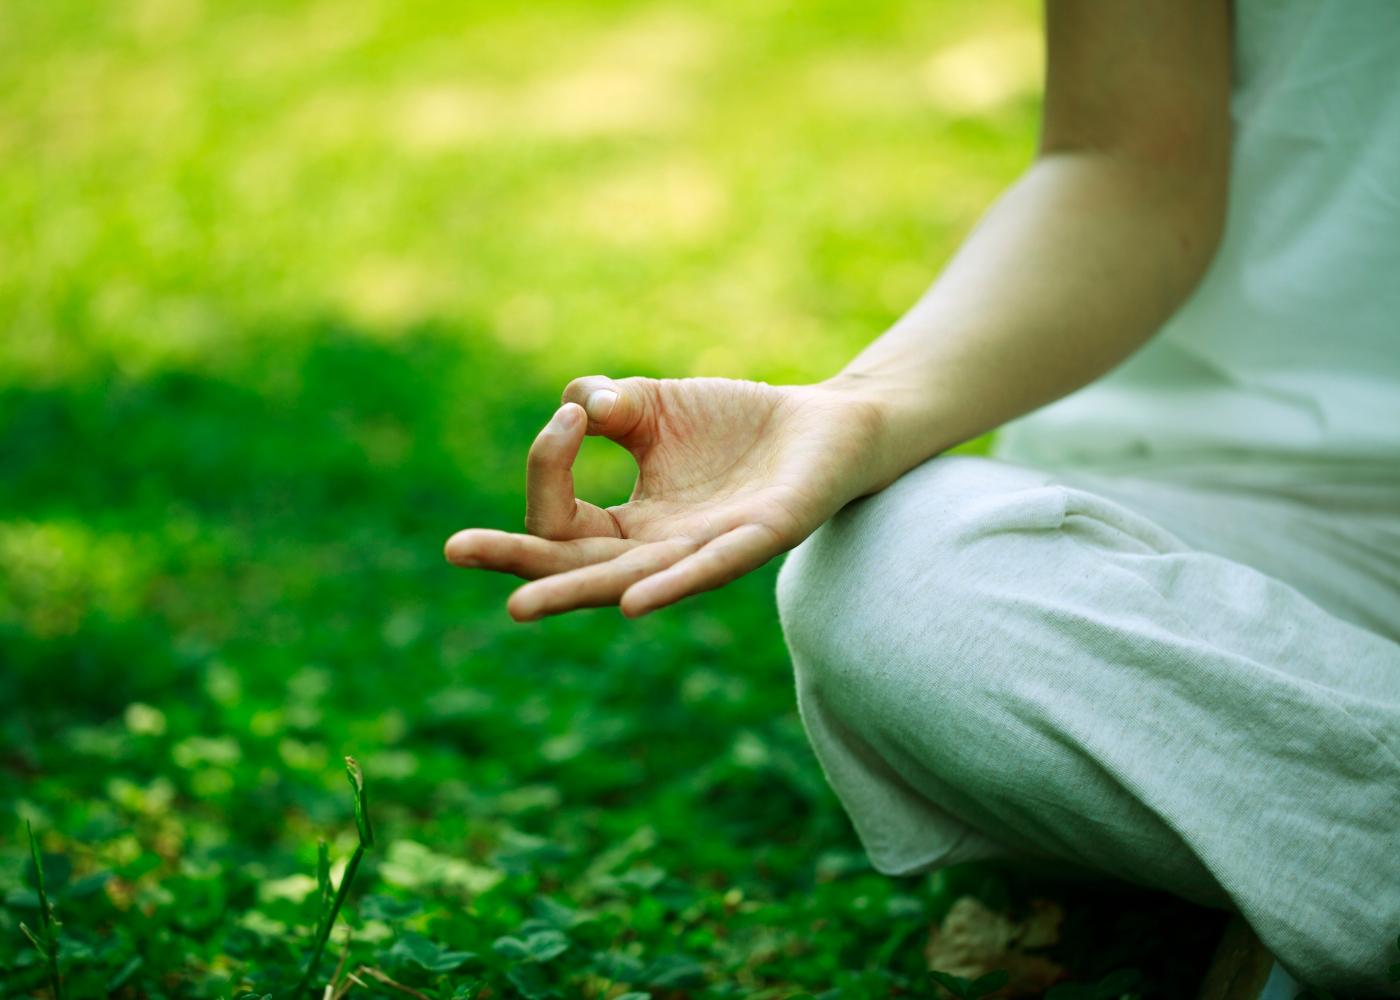 fazer meditação no jardim